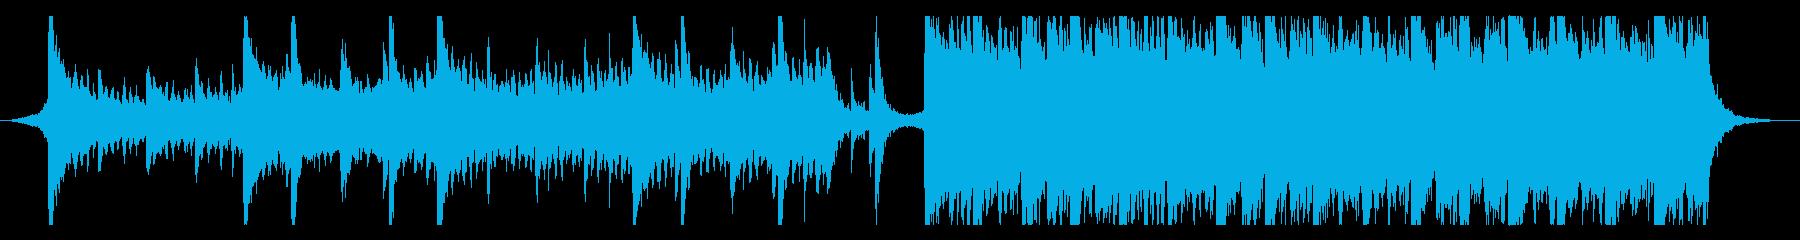 ハリウッド映画風の壮大オーケストラ14bの再生済みの波形